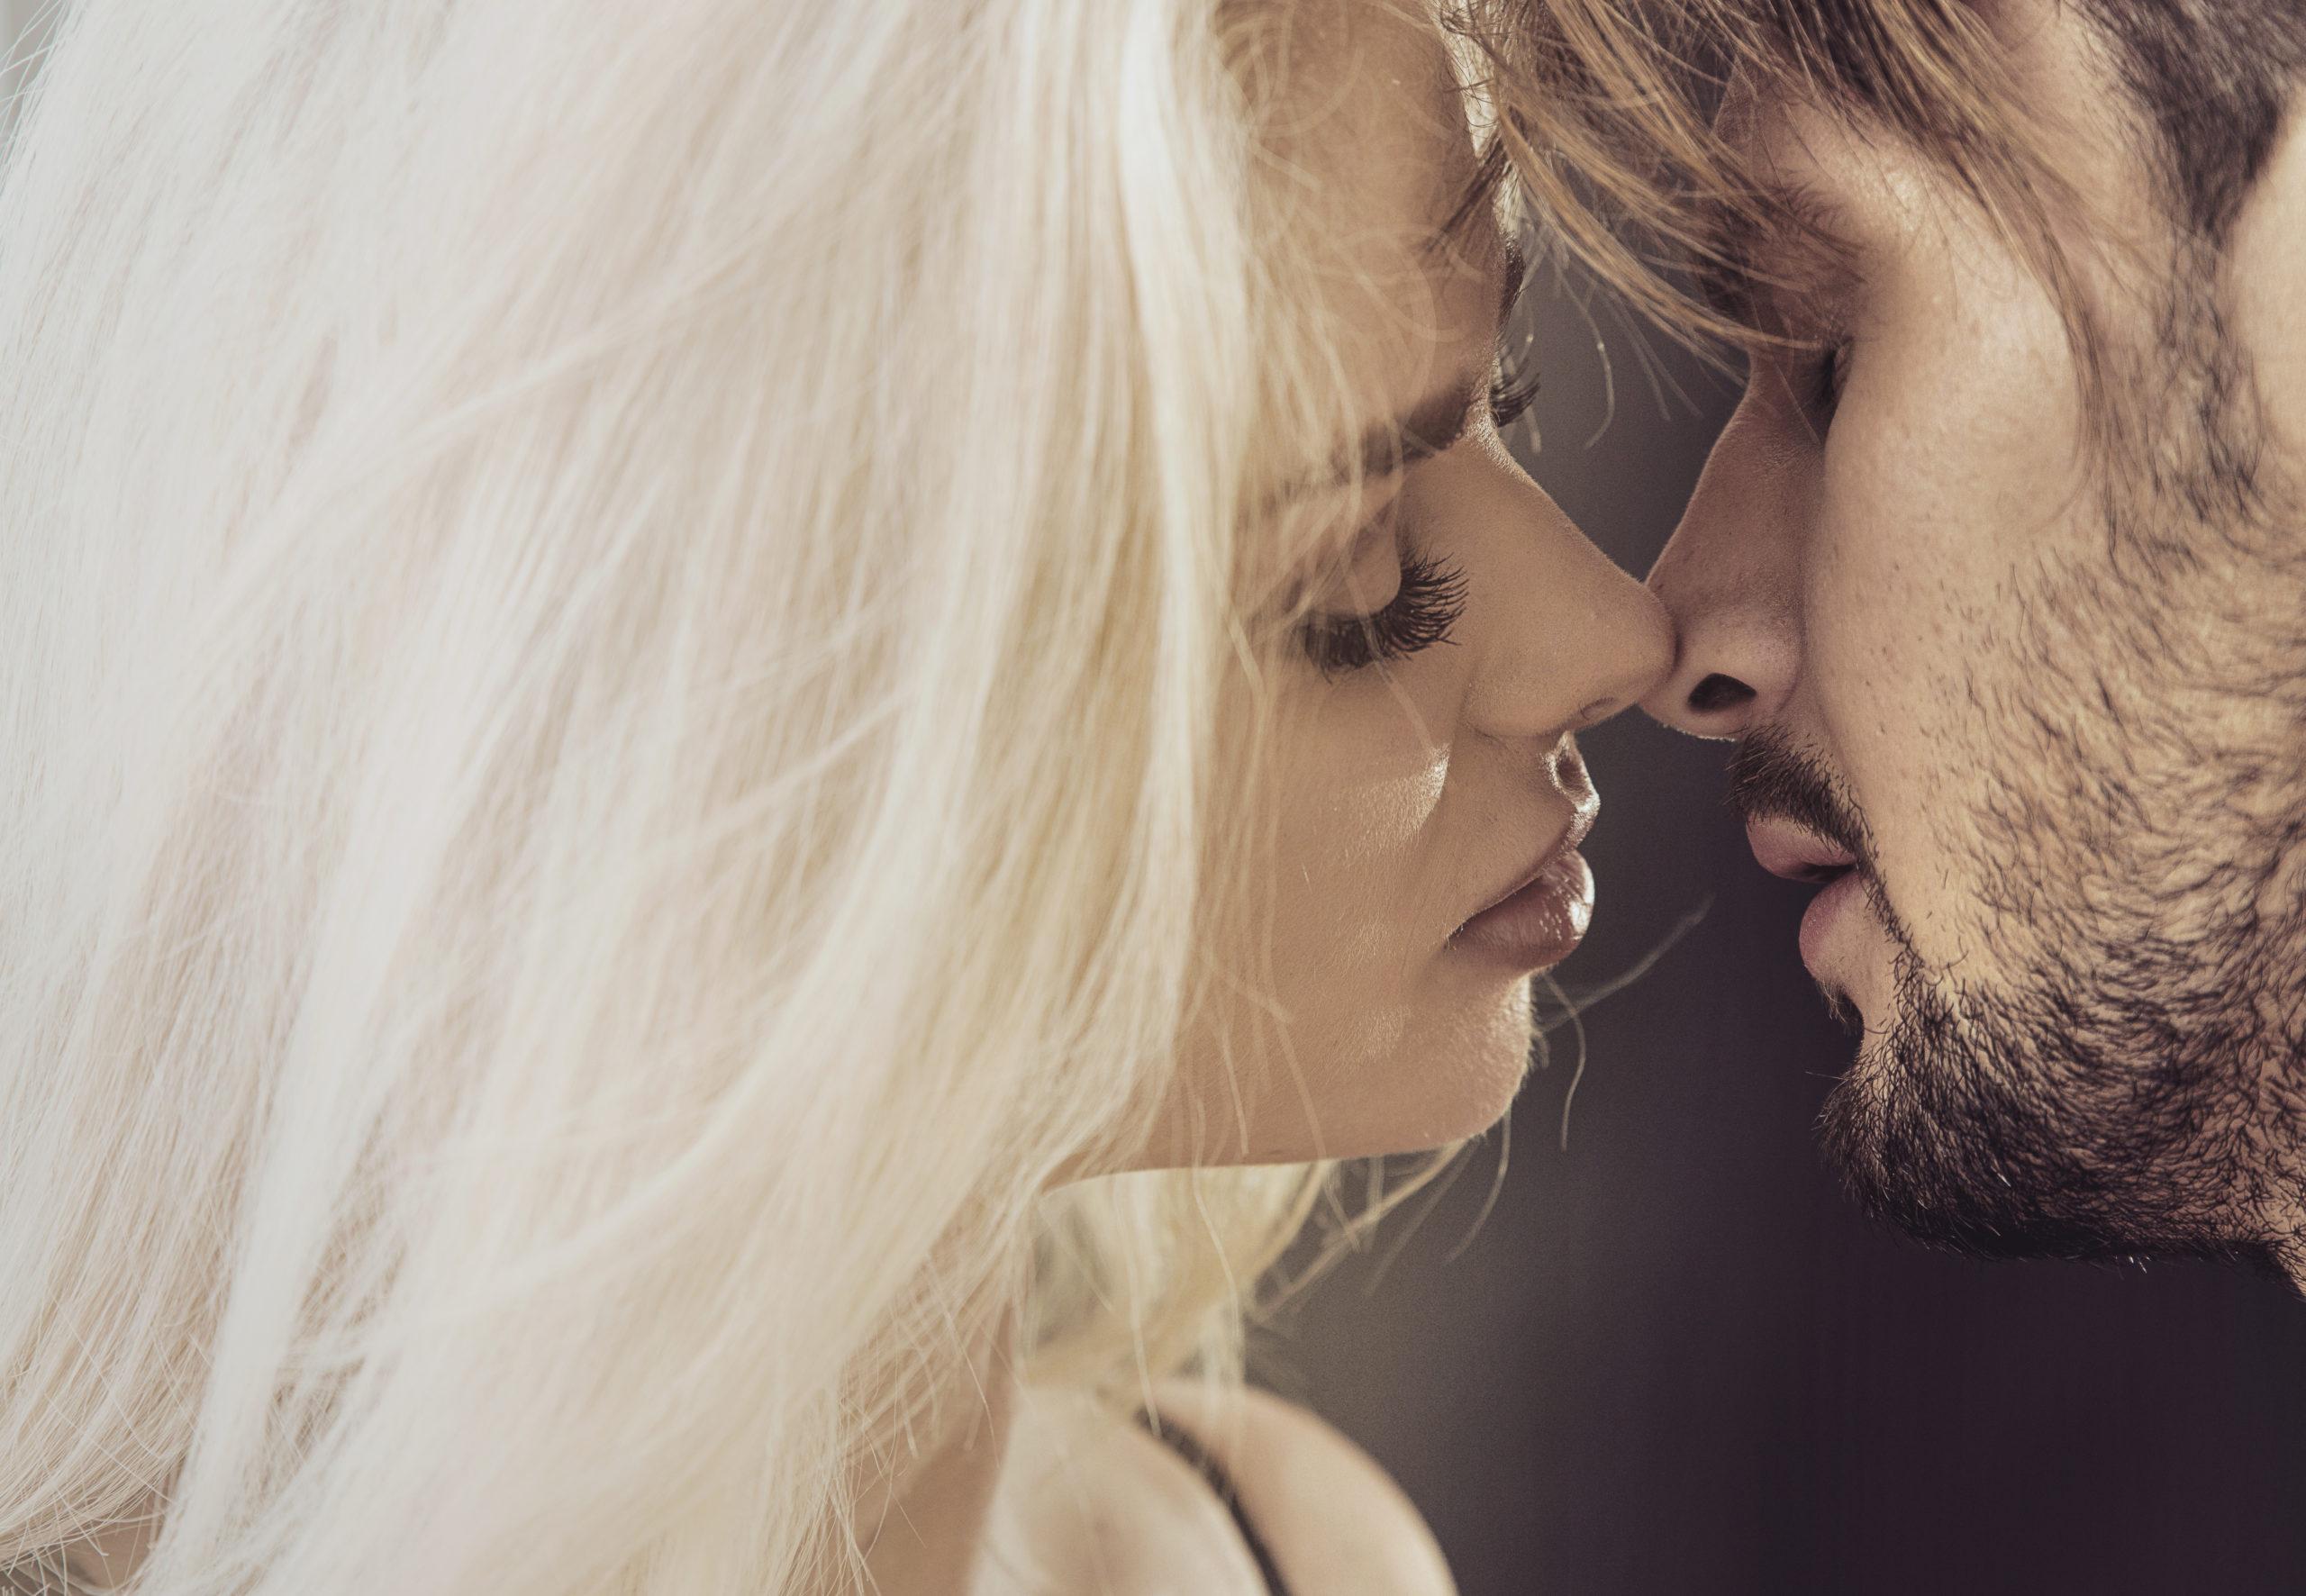 彼氏より性欲が強い…性欲が強い女性の原因は?上手に付き合う方法